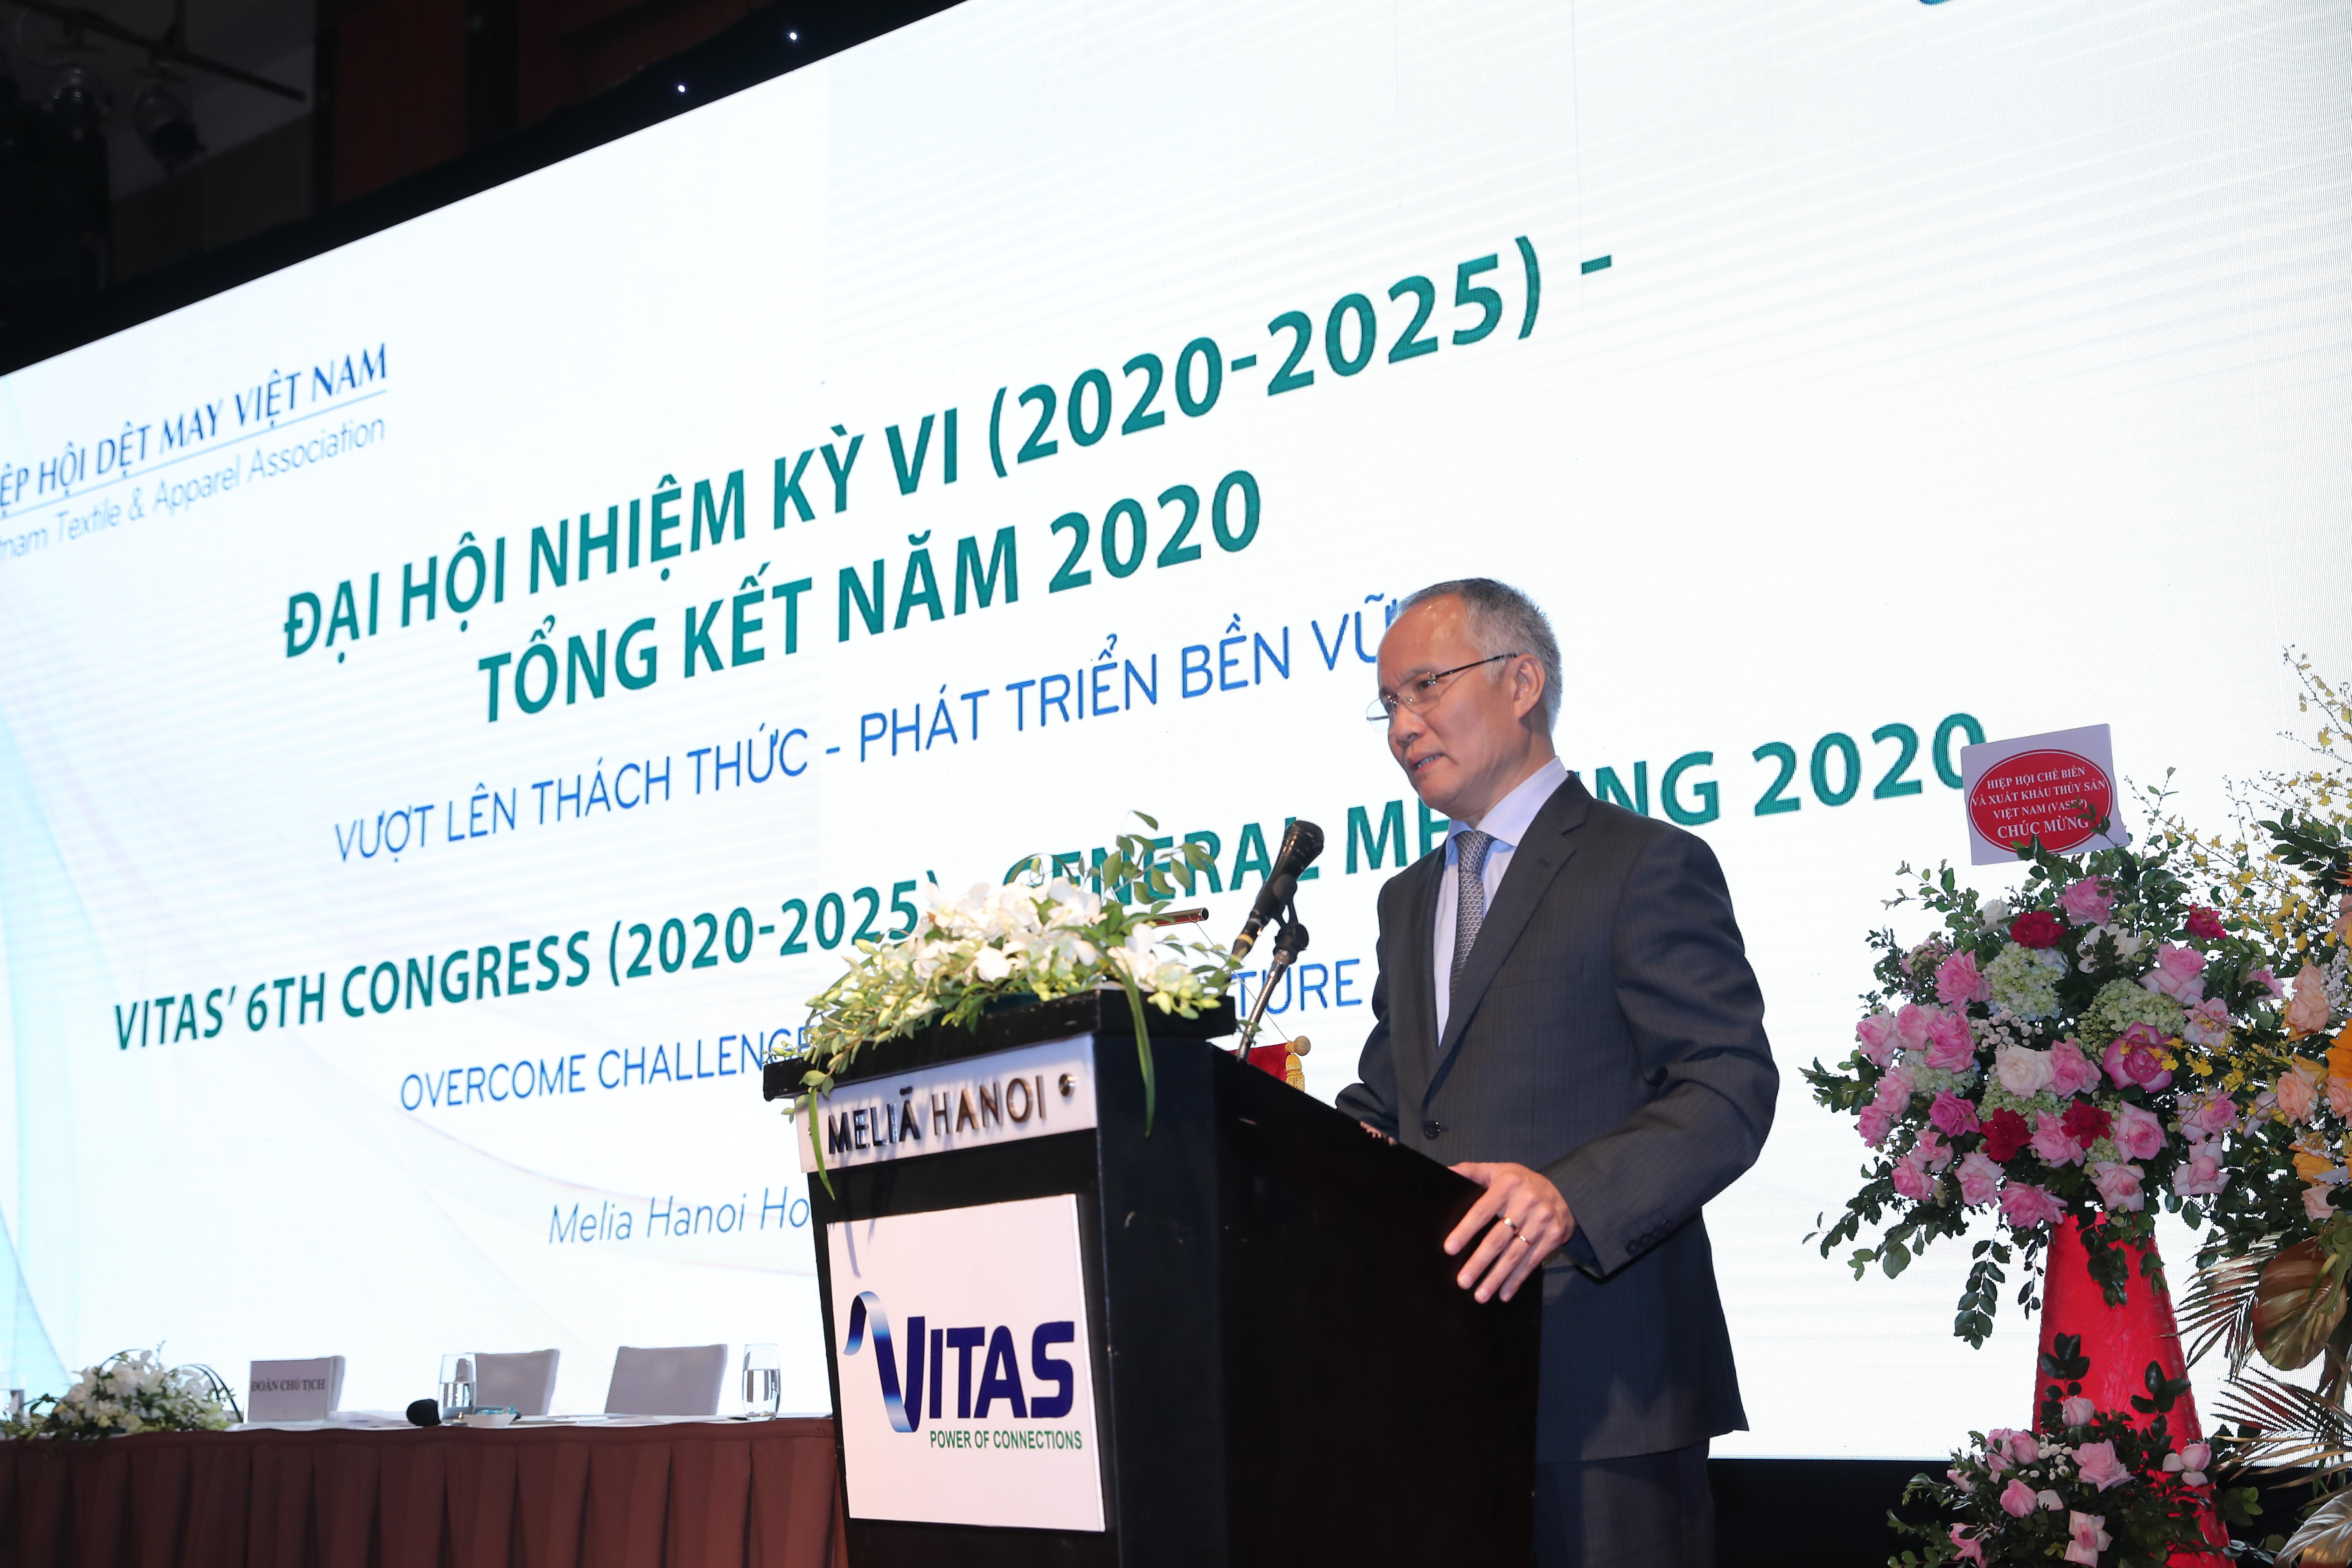 Đại hội VI - Tổng kết 2020 VITAS